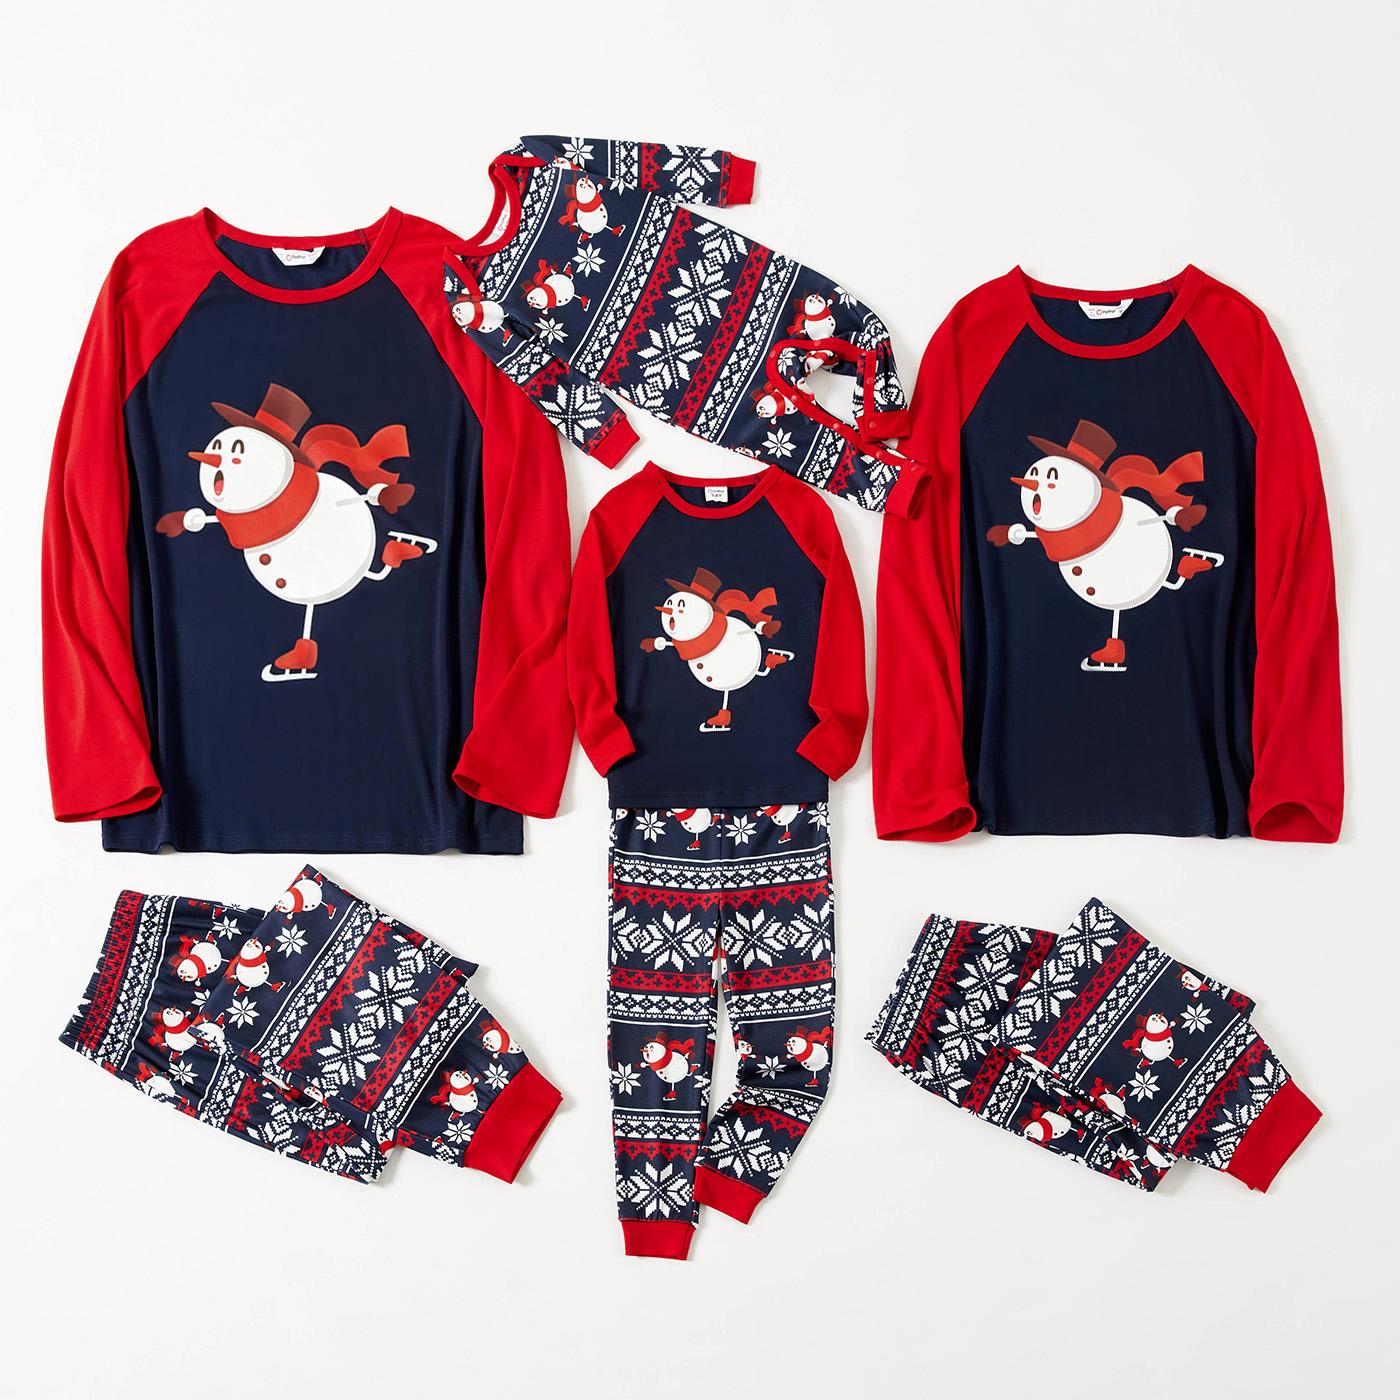 Famille d'impression de bonhomme de neige de dessin animé de noël correspondant à des ensembles de pyjamas à manches longues raglan rouges